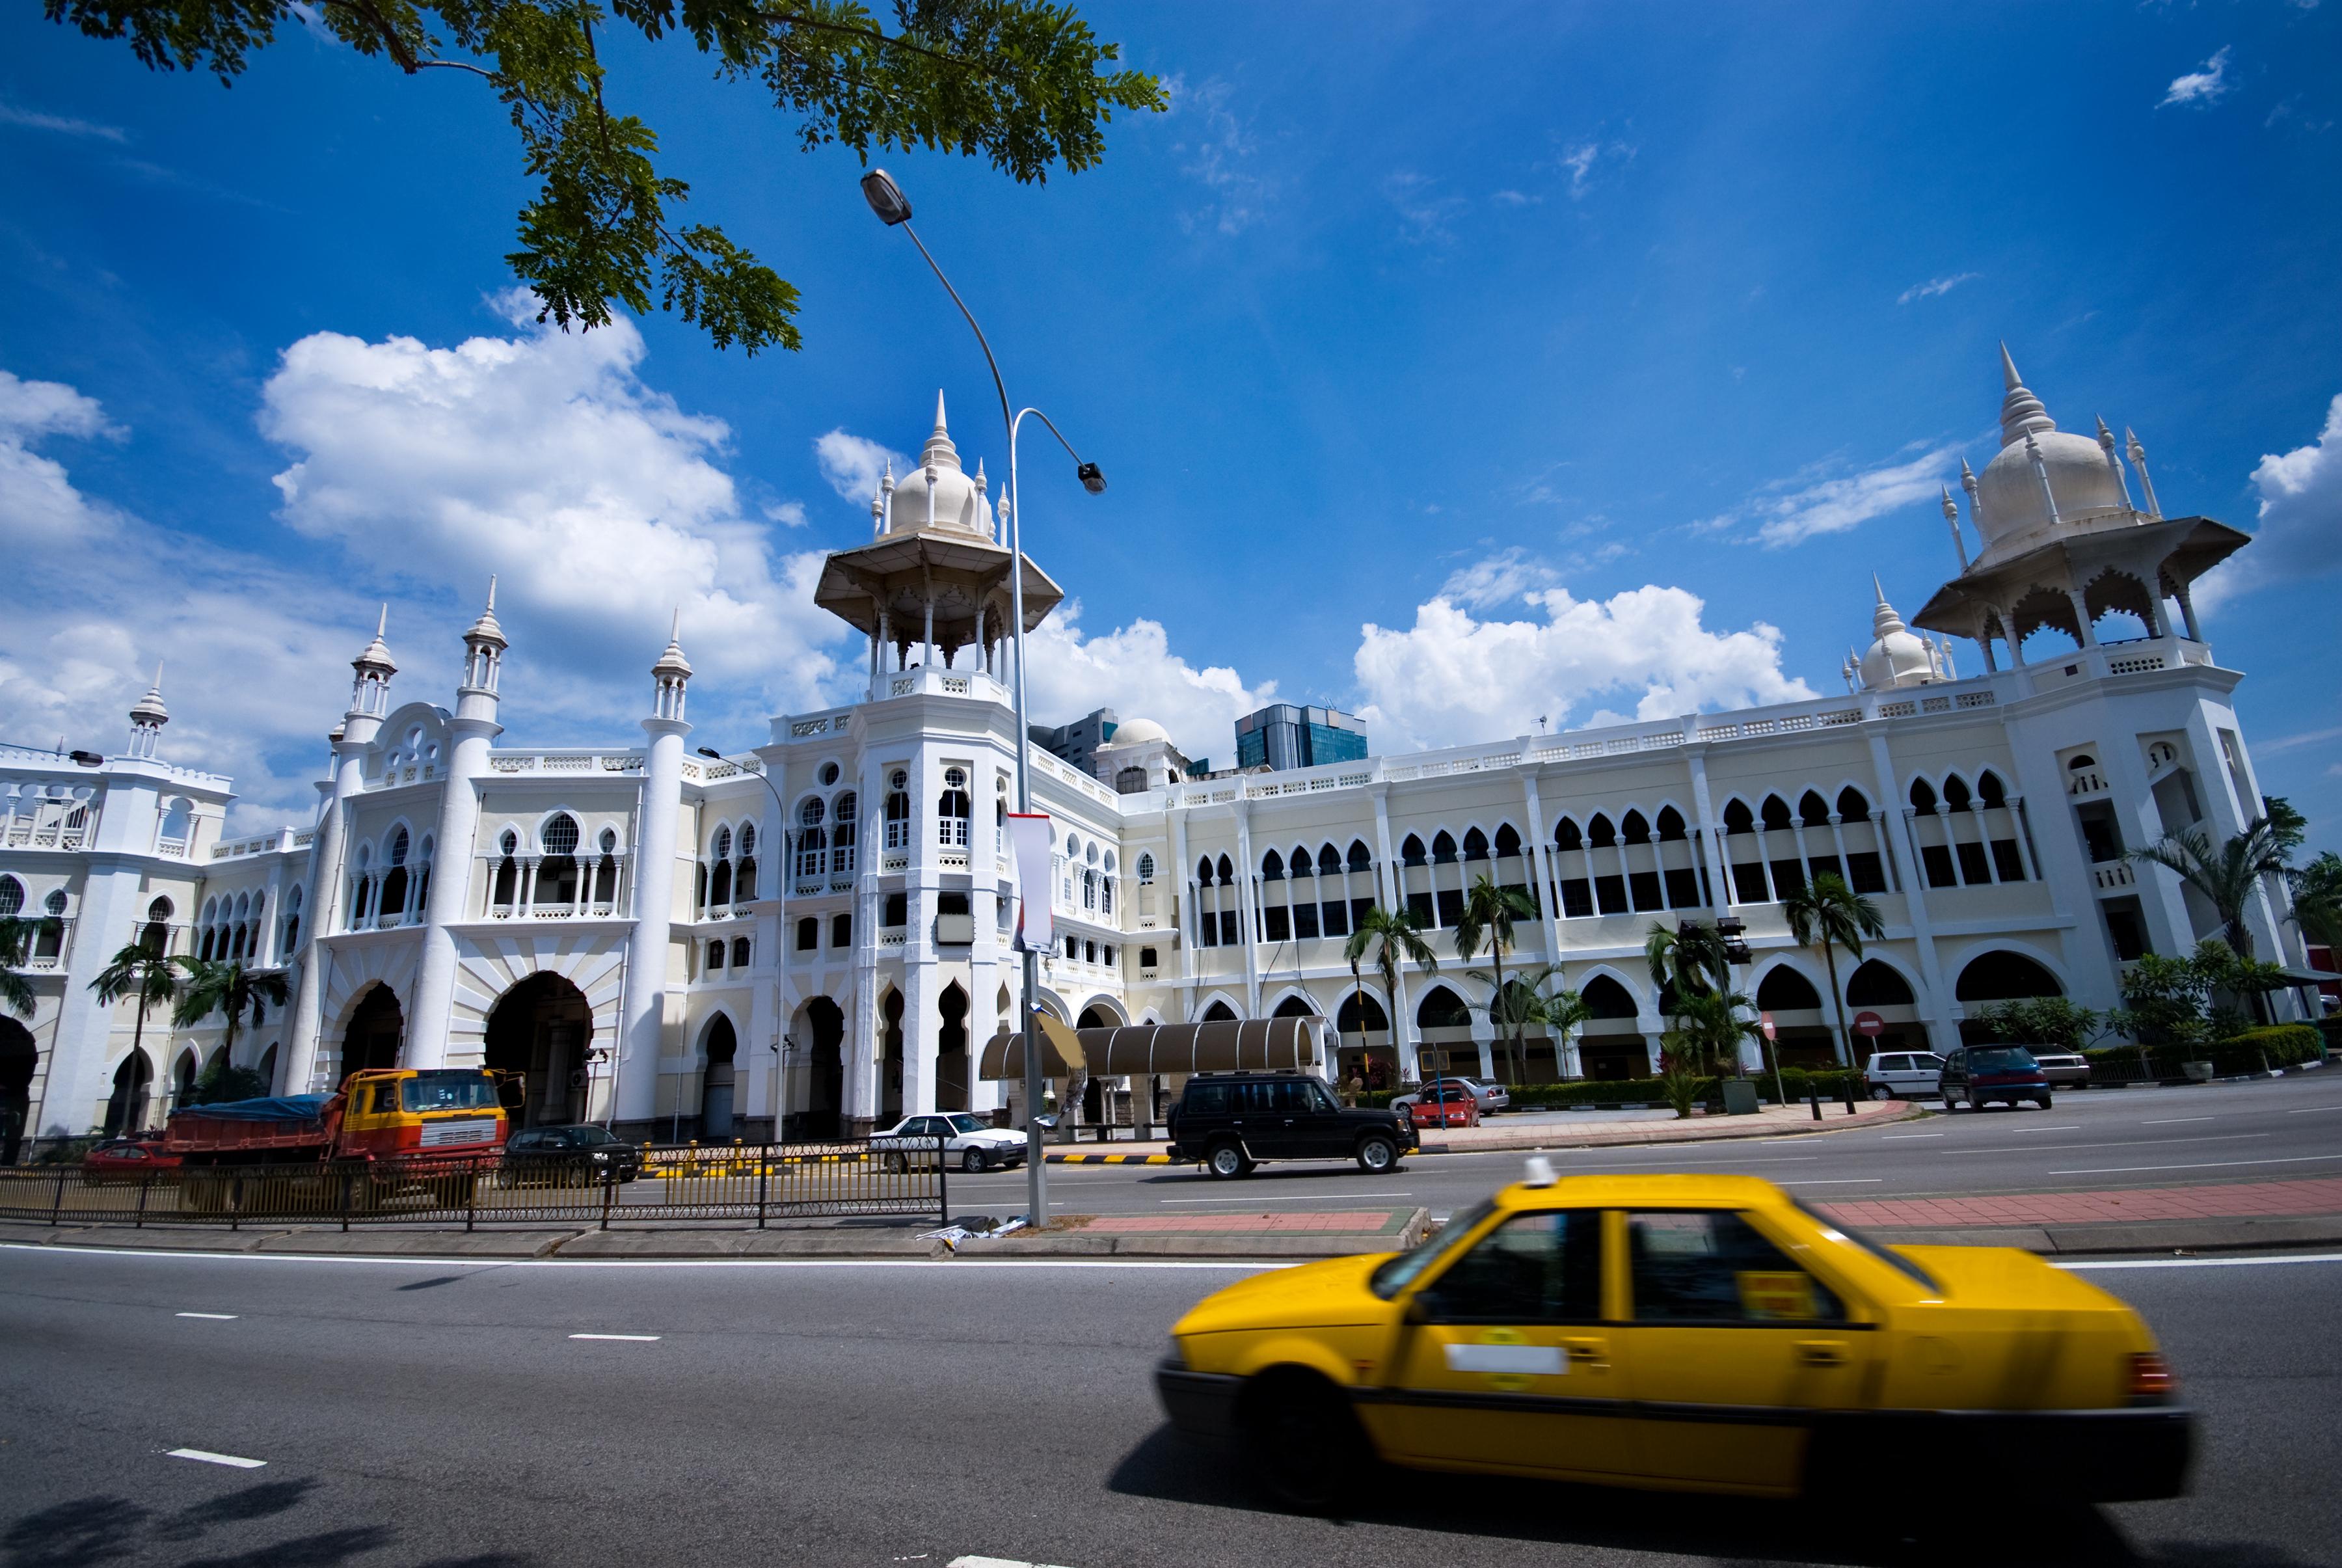 Kuala Lumpur, capital del transporte público - Malasia Gran Viaje Kuala Lumpur y gran tour de Borneo